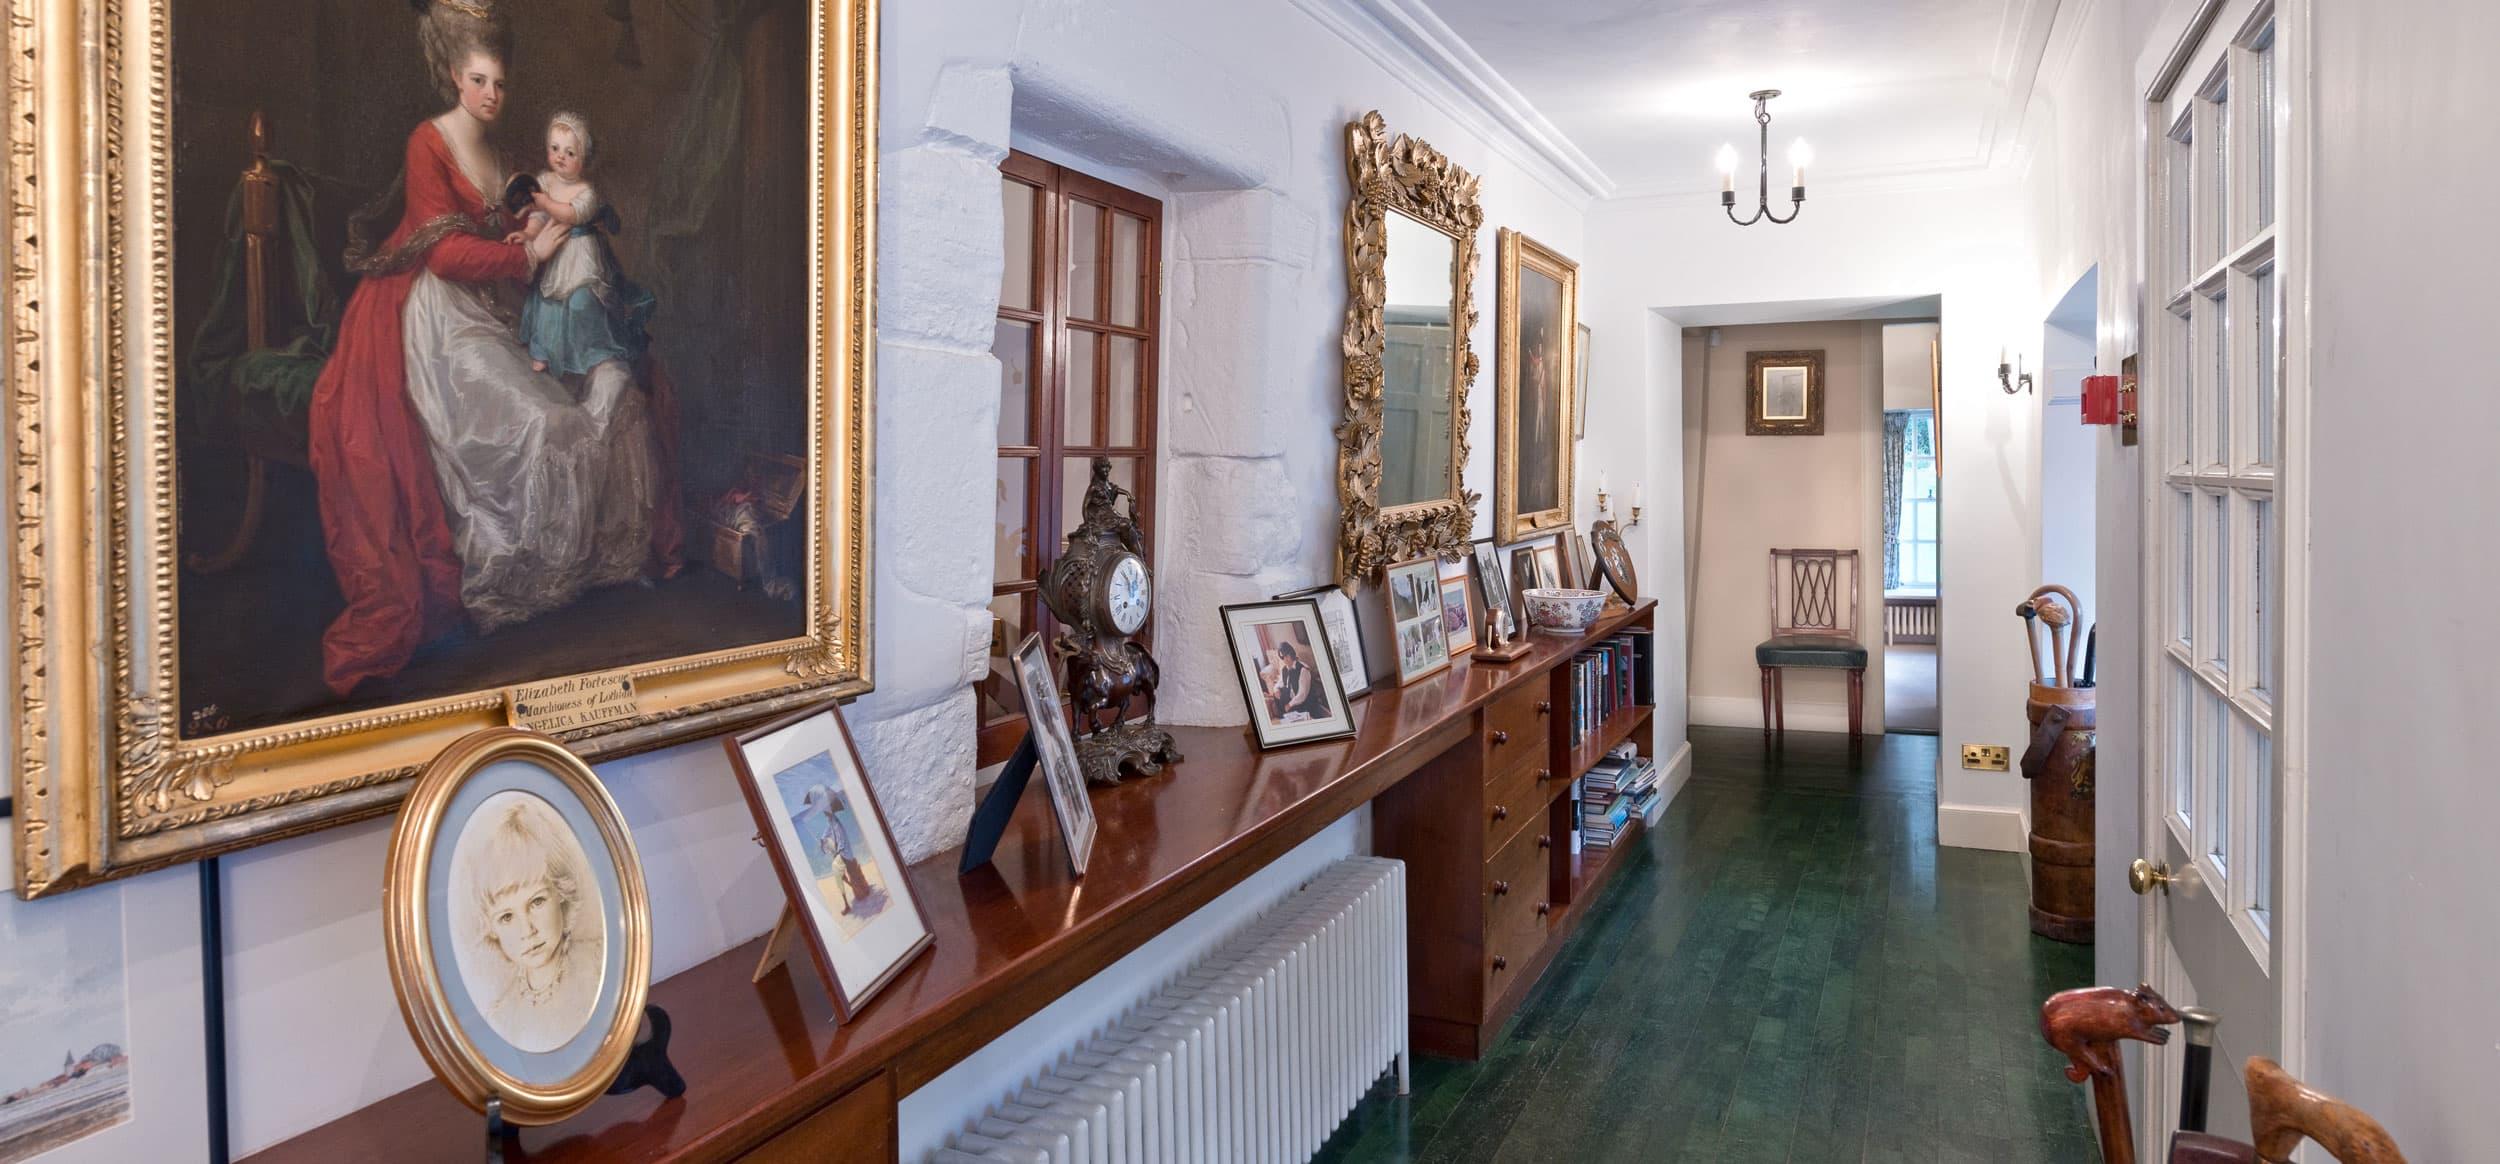 Bothy Corridor